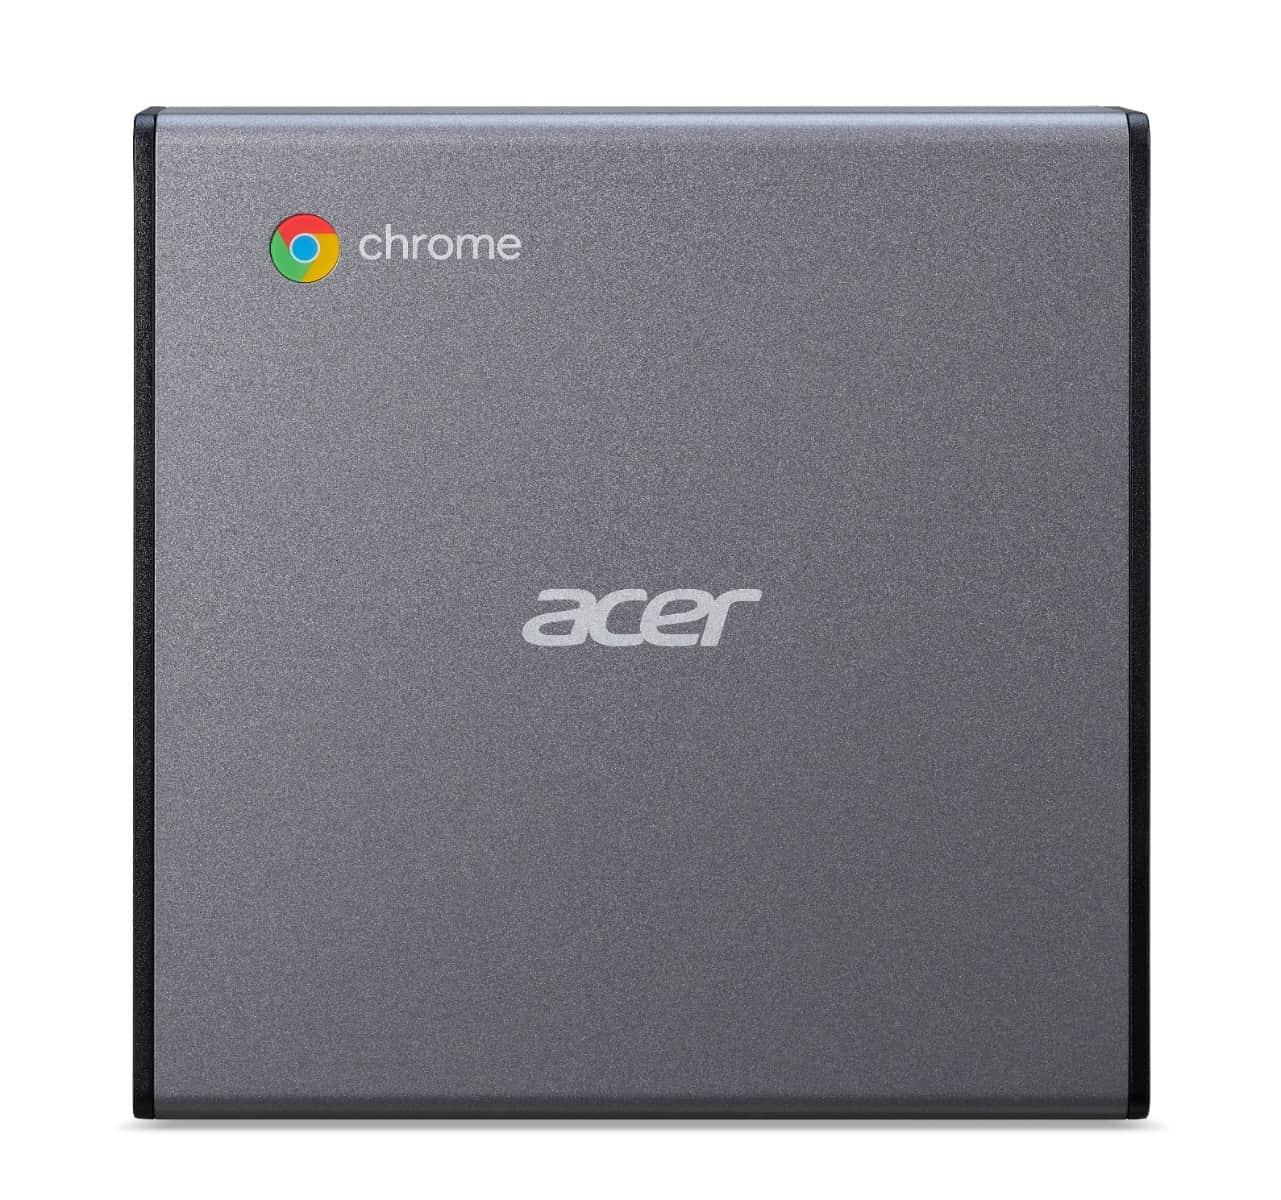 Acer Chromebox CXI4 Basic 01